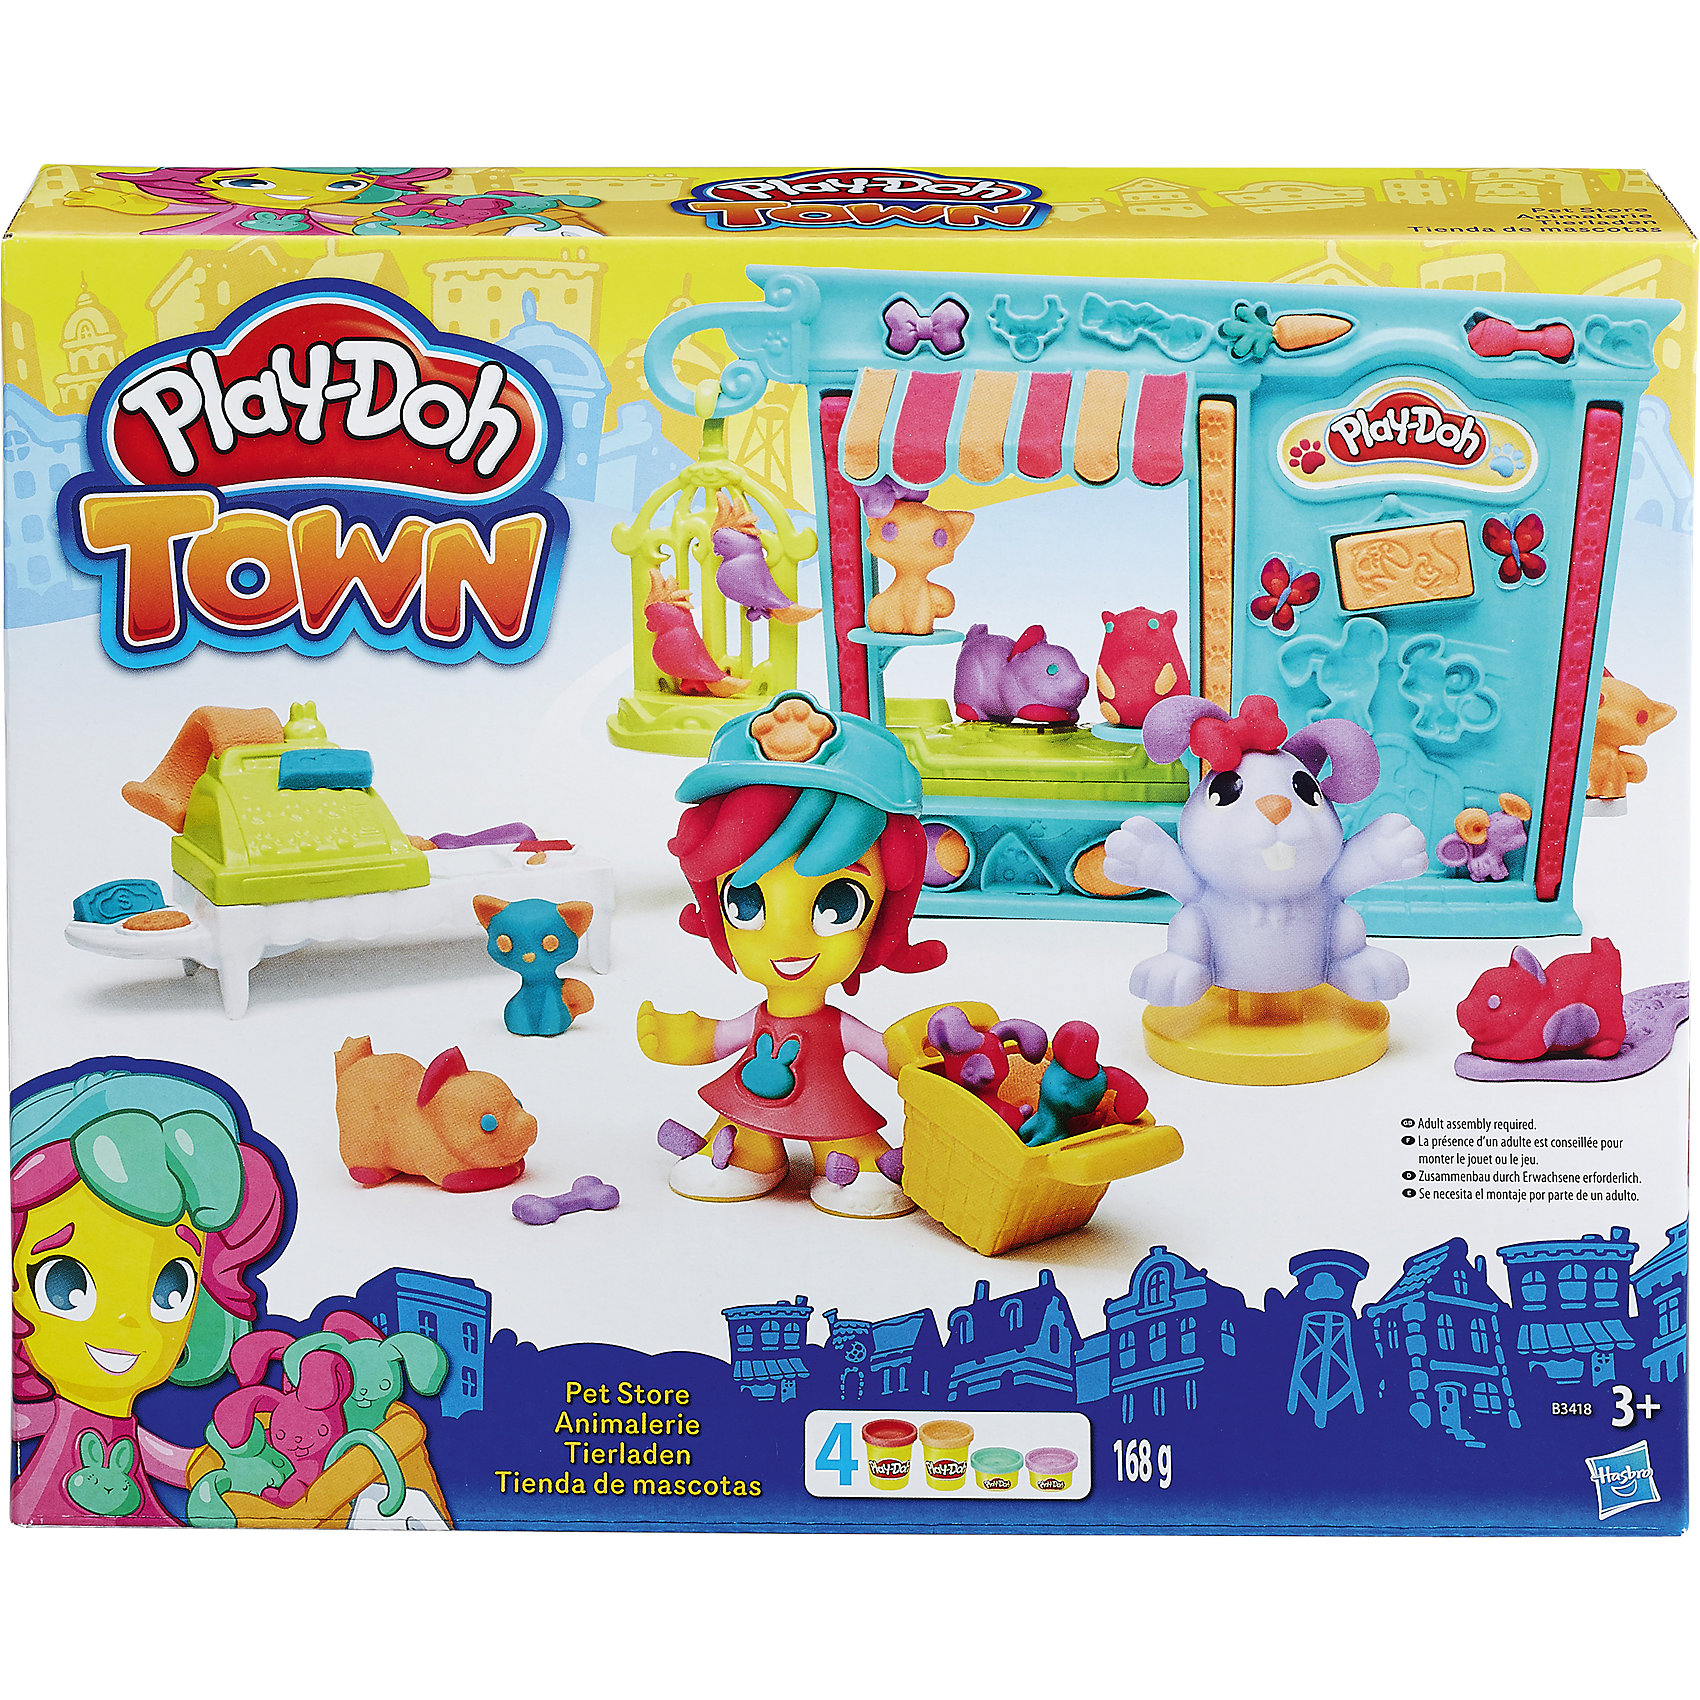 Hasbro Игровой набор Магазинчик домашних питомцев, Play-Doh  Город hasbro play doh b3418 игровой набор магазинчик домашних питомцев